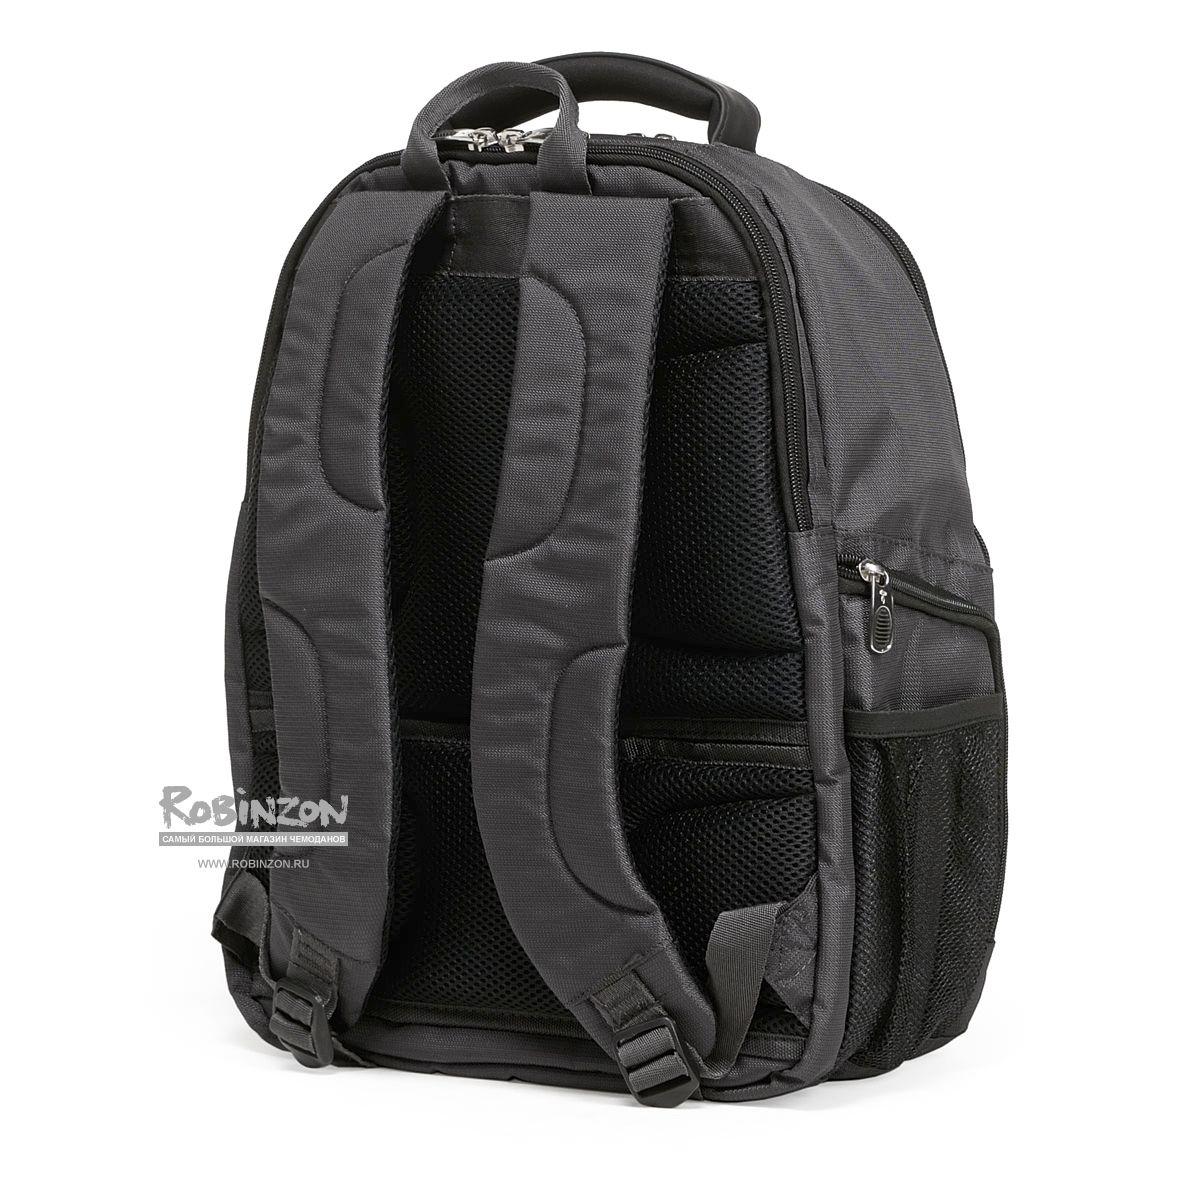 Рюкзак ricardo 069-17 bkp mar vista backpack 4you.ru интернет магазин рюкзаки